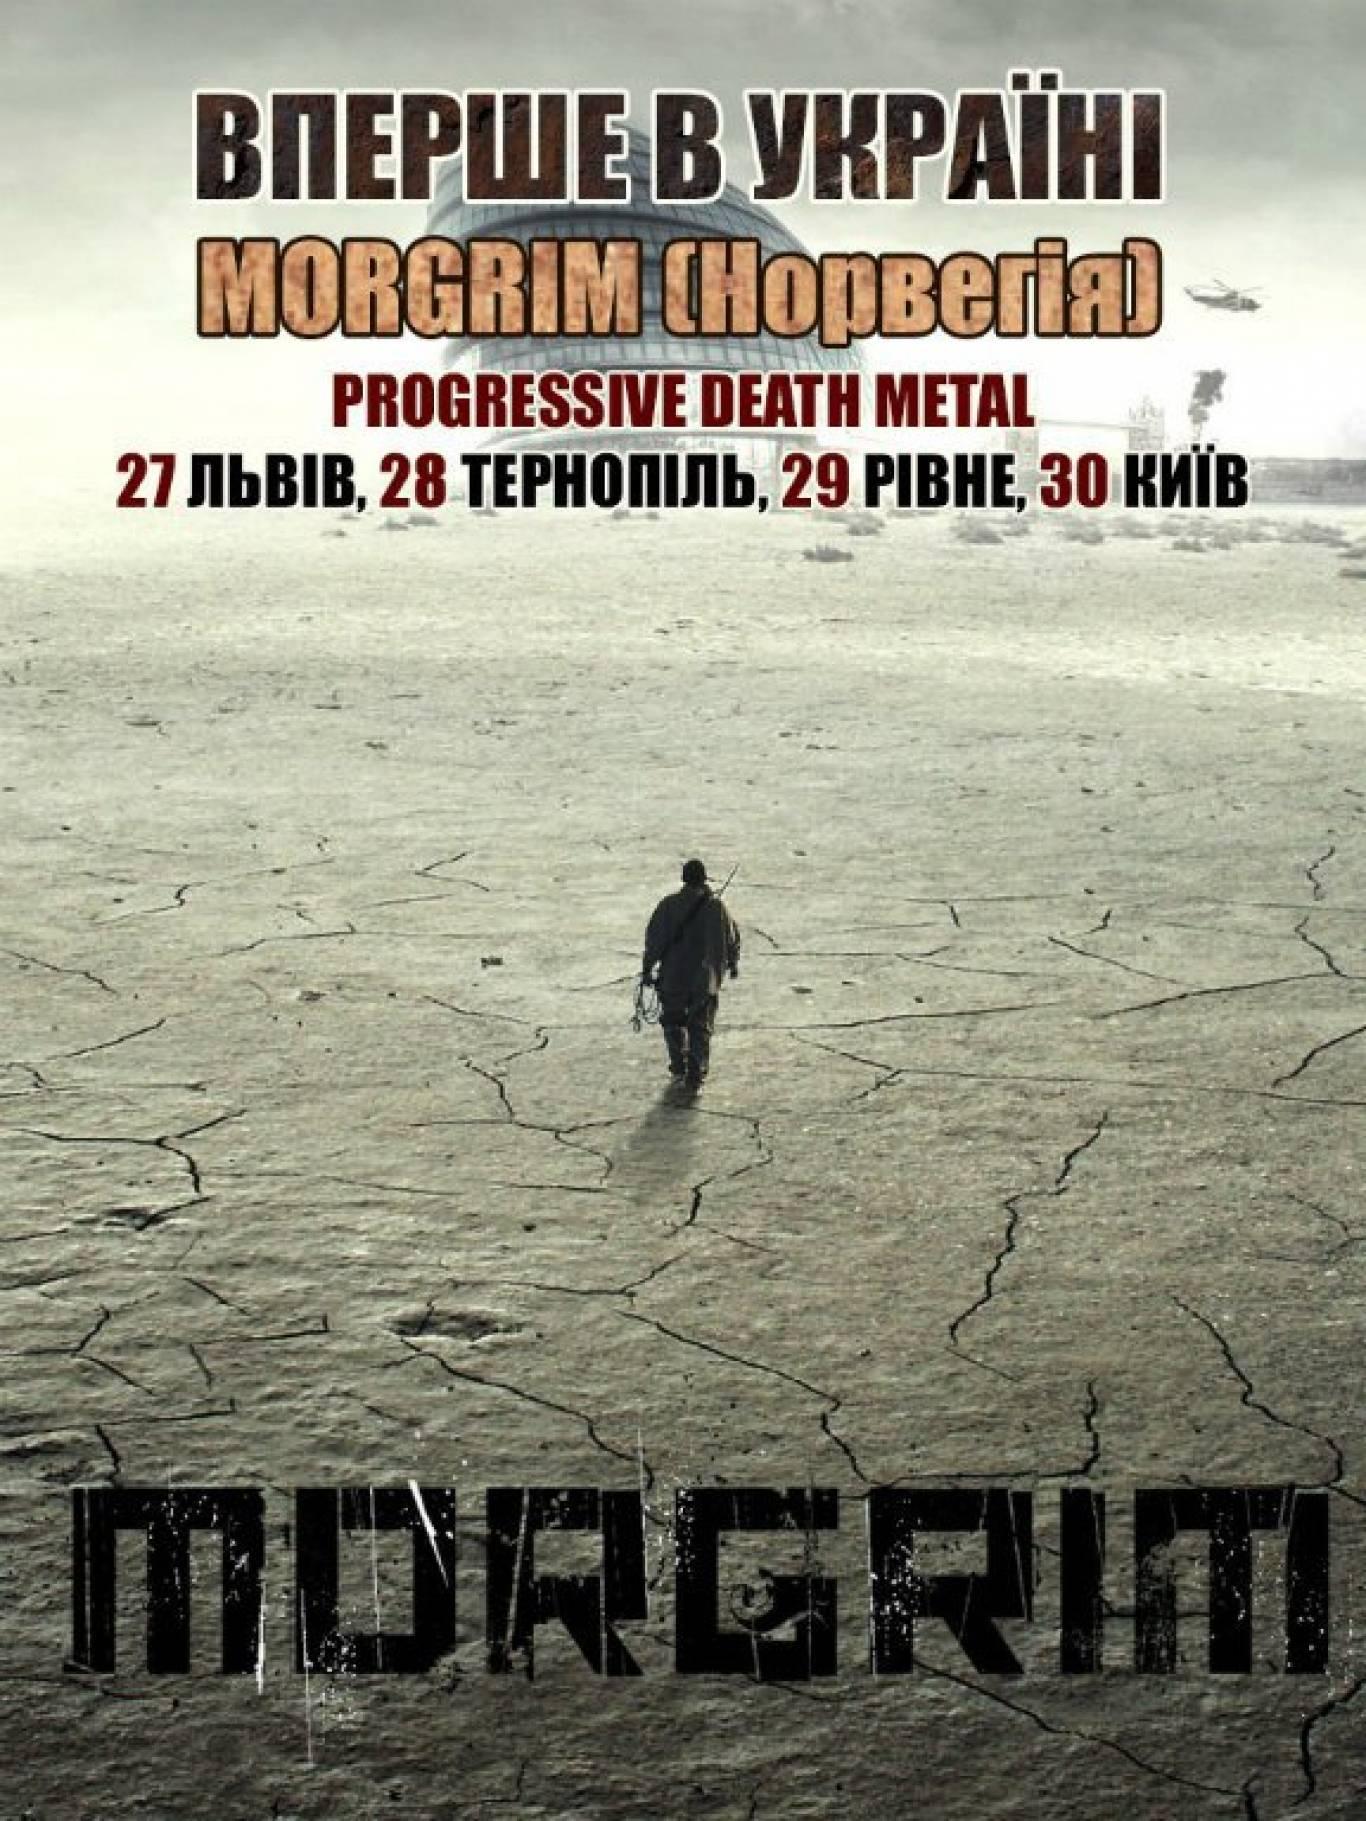 Концерт норвезького гурту Morgrim